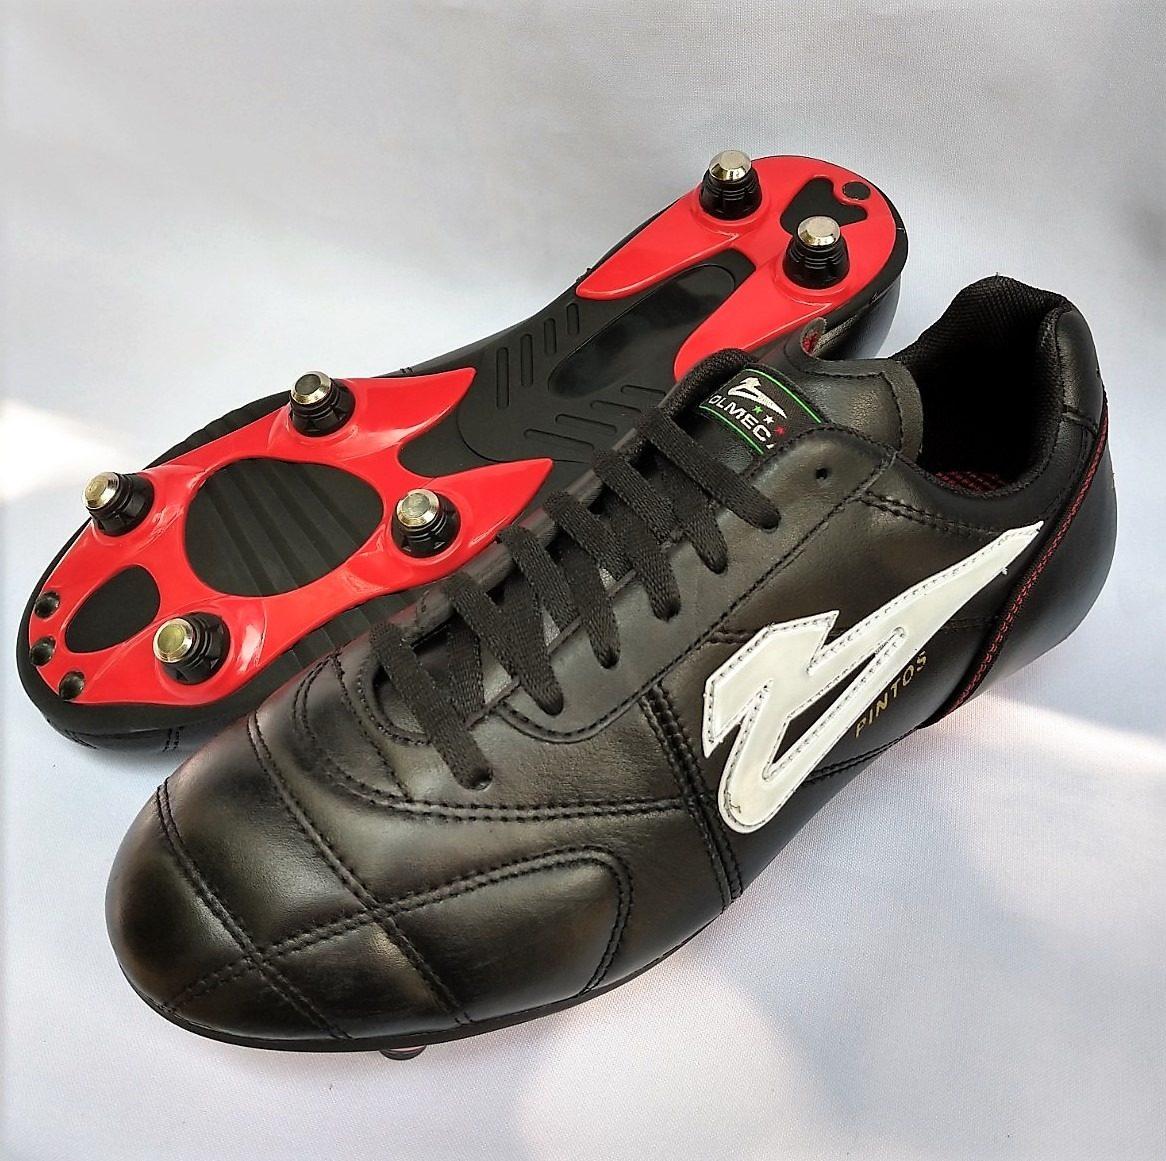 Zapato futbol profesional olmeca pintos tacos cargando zoom jpg 1166x1161  Profesional imagenes de tacos futbol 585063e8800f2